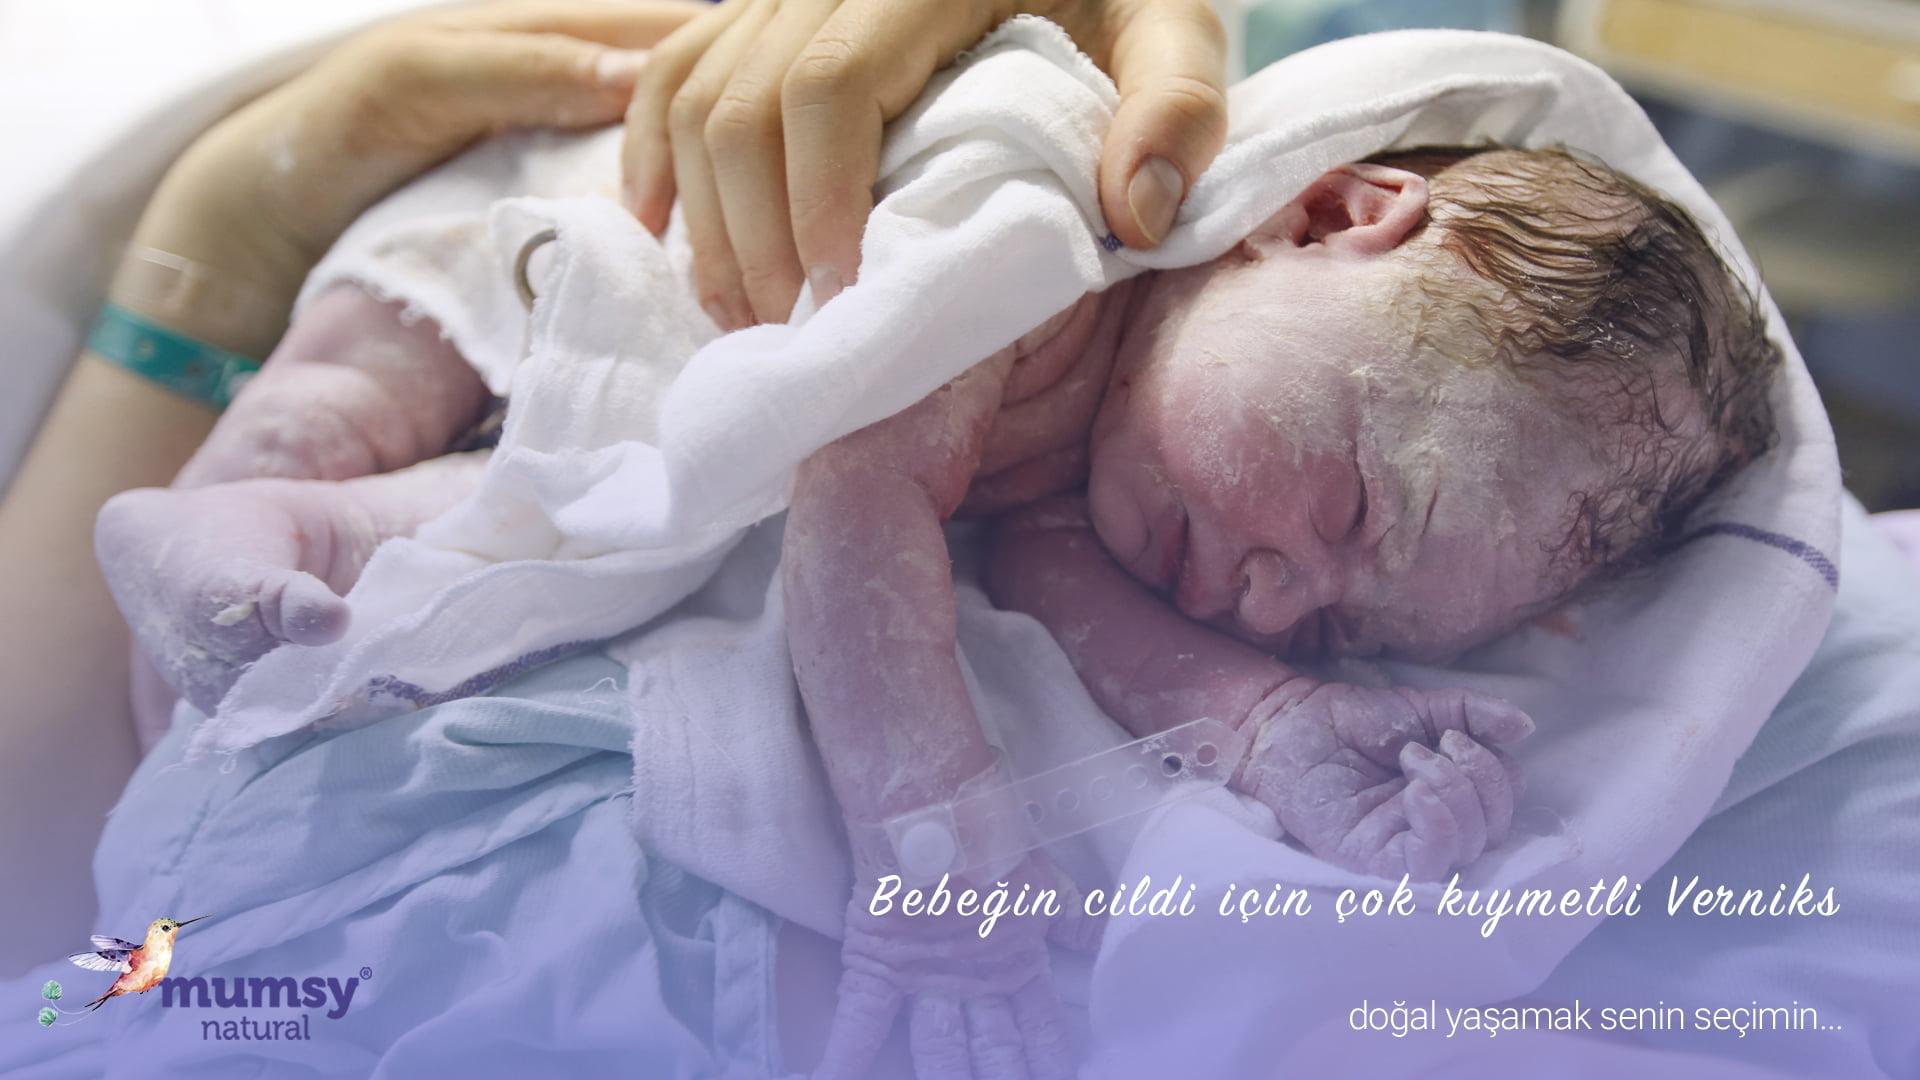 Bebeğin cildi için Kıymetli Verniks Verniks: Bebeğiniz cildini verniks koruyor